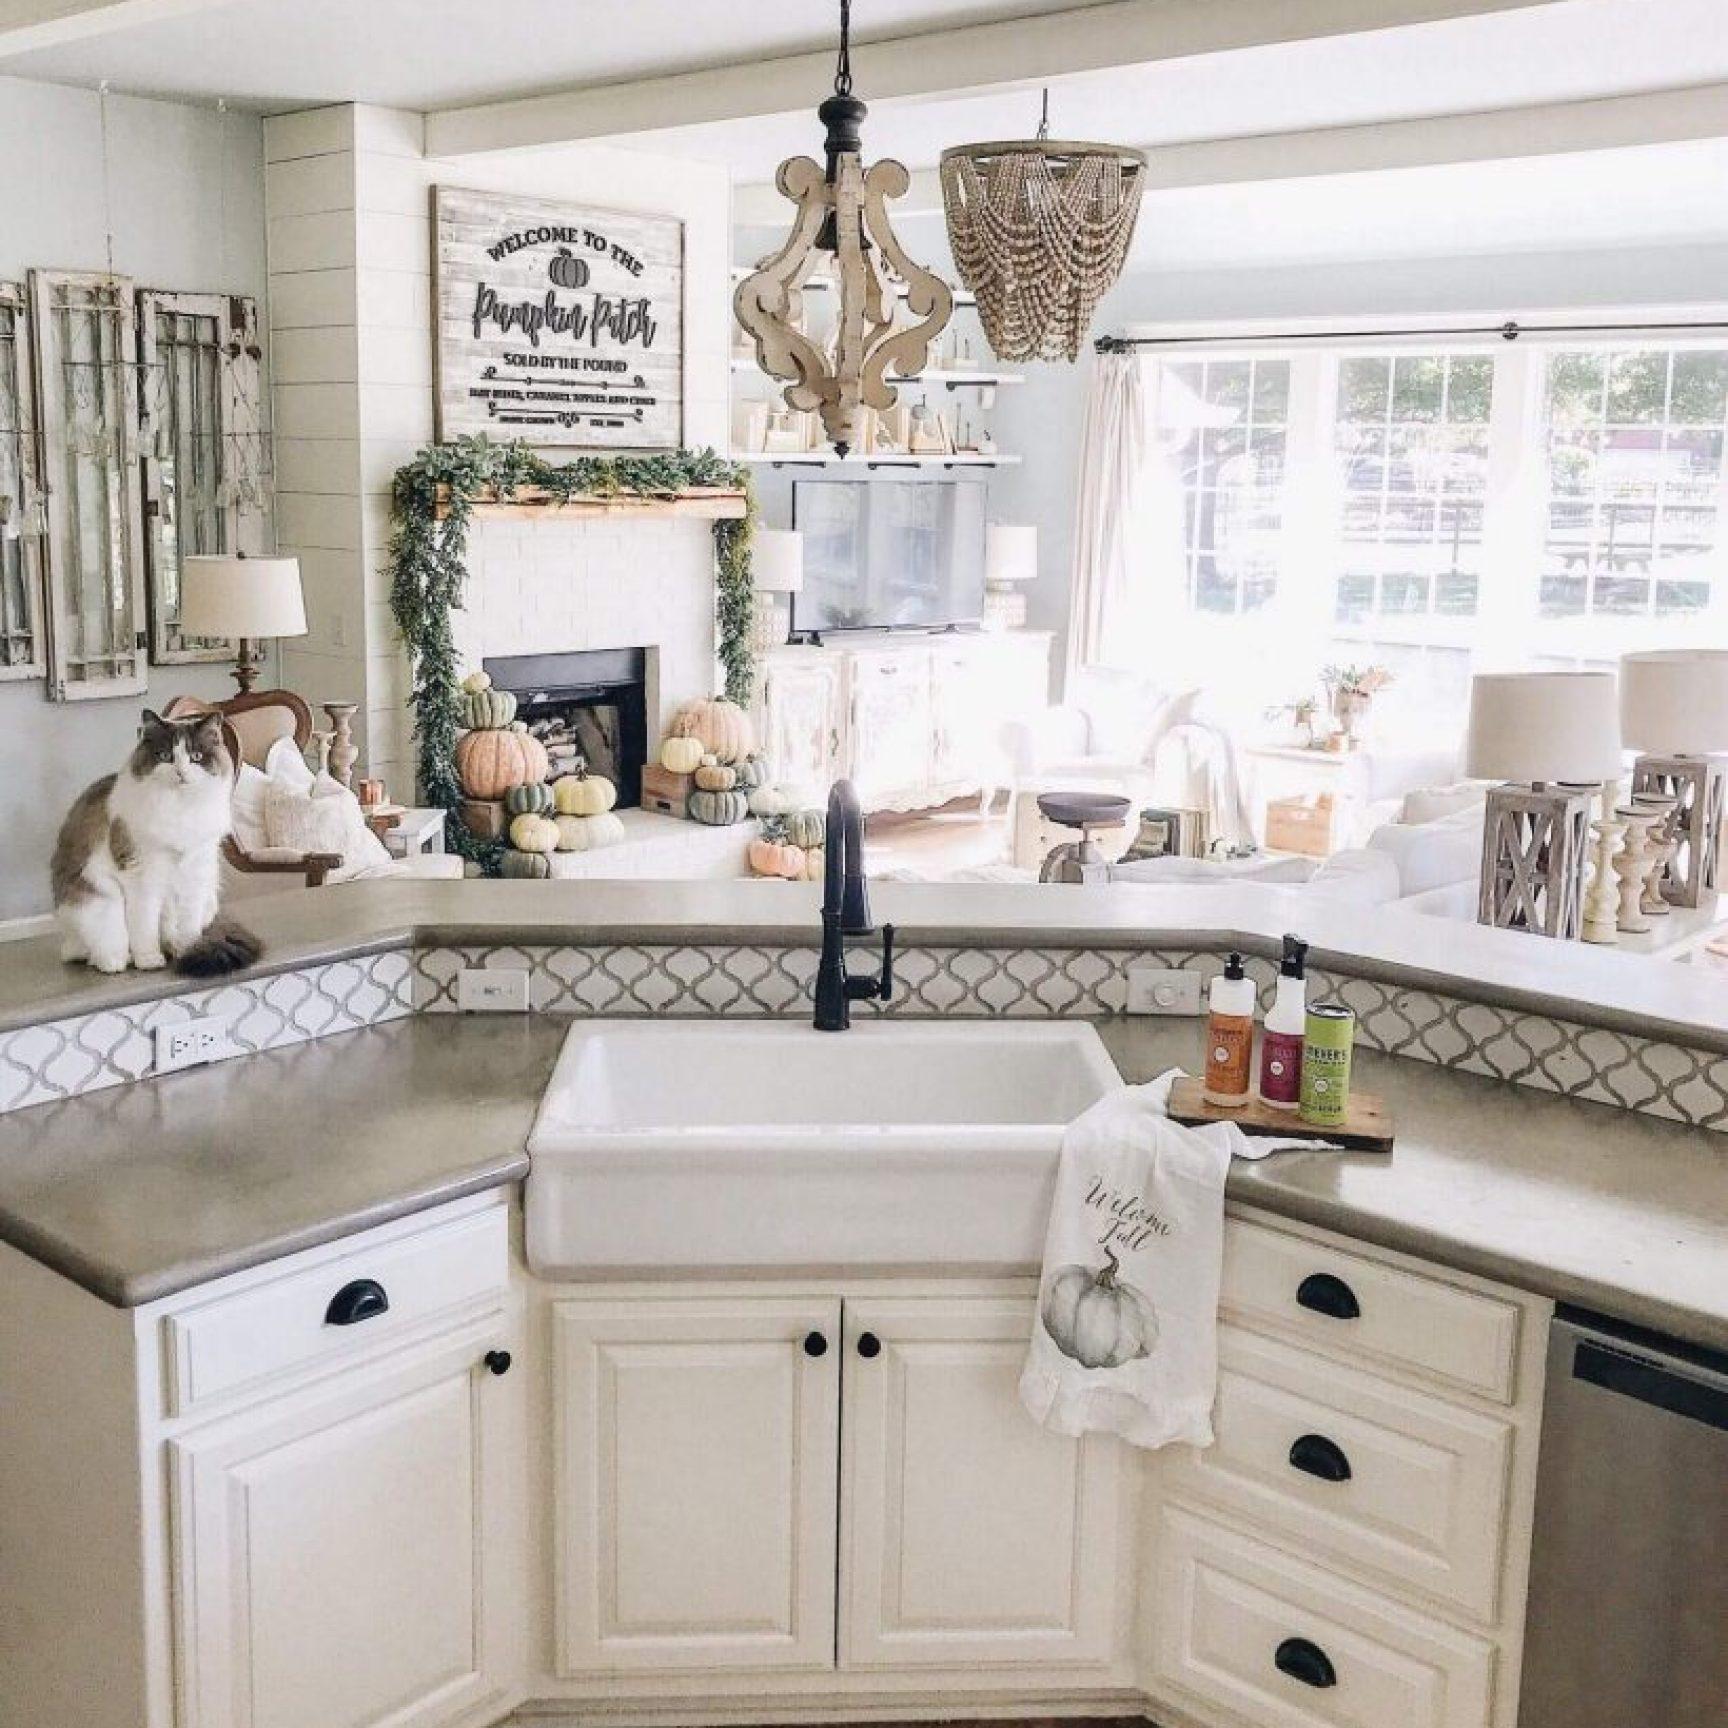 18 Farmhouse Kitchen Sink Ideas Decor Tips - myhomeorganic